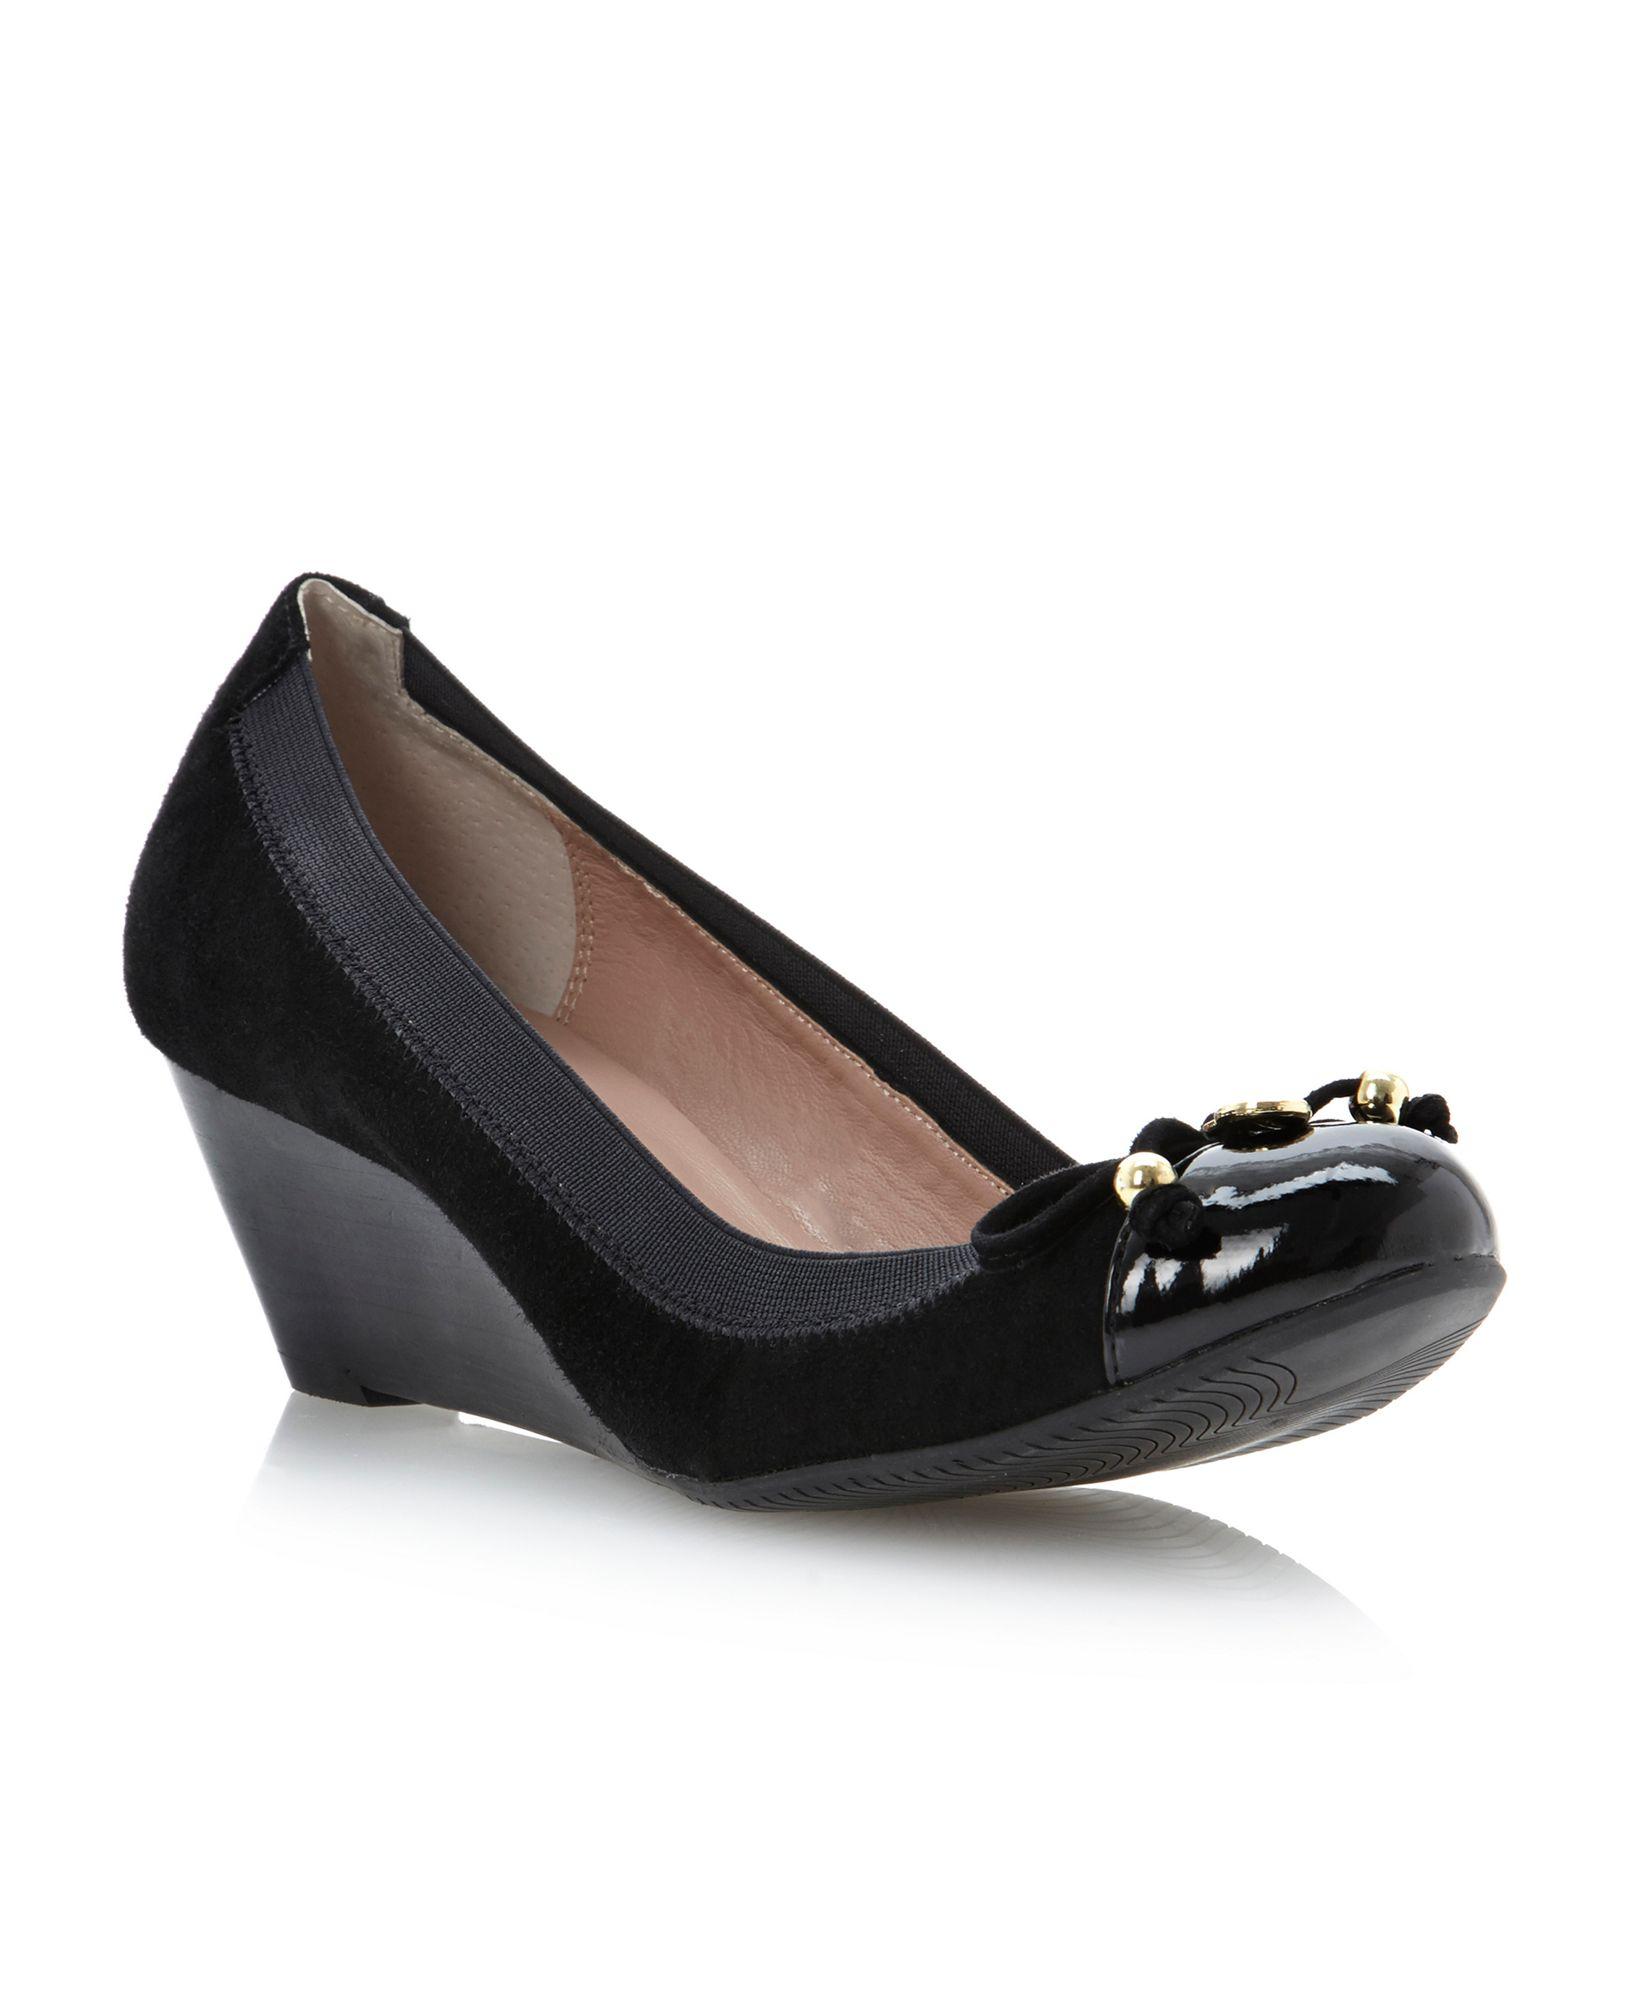 dune attic toecap wedge court shoes in black lyst